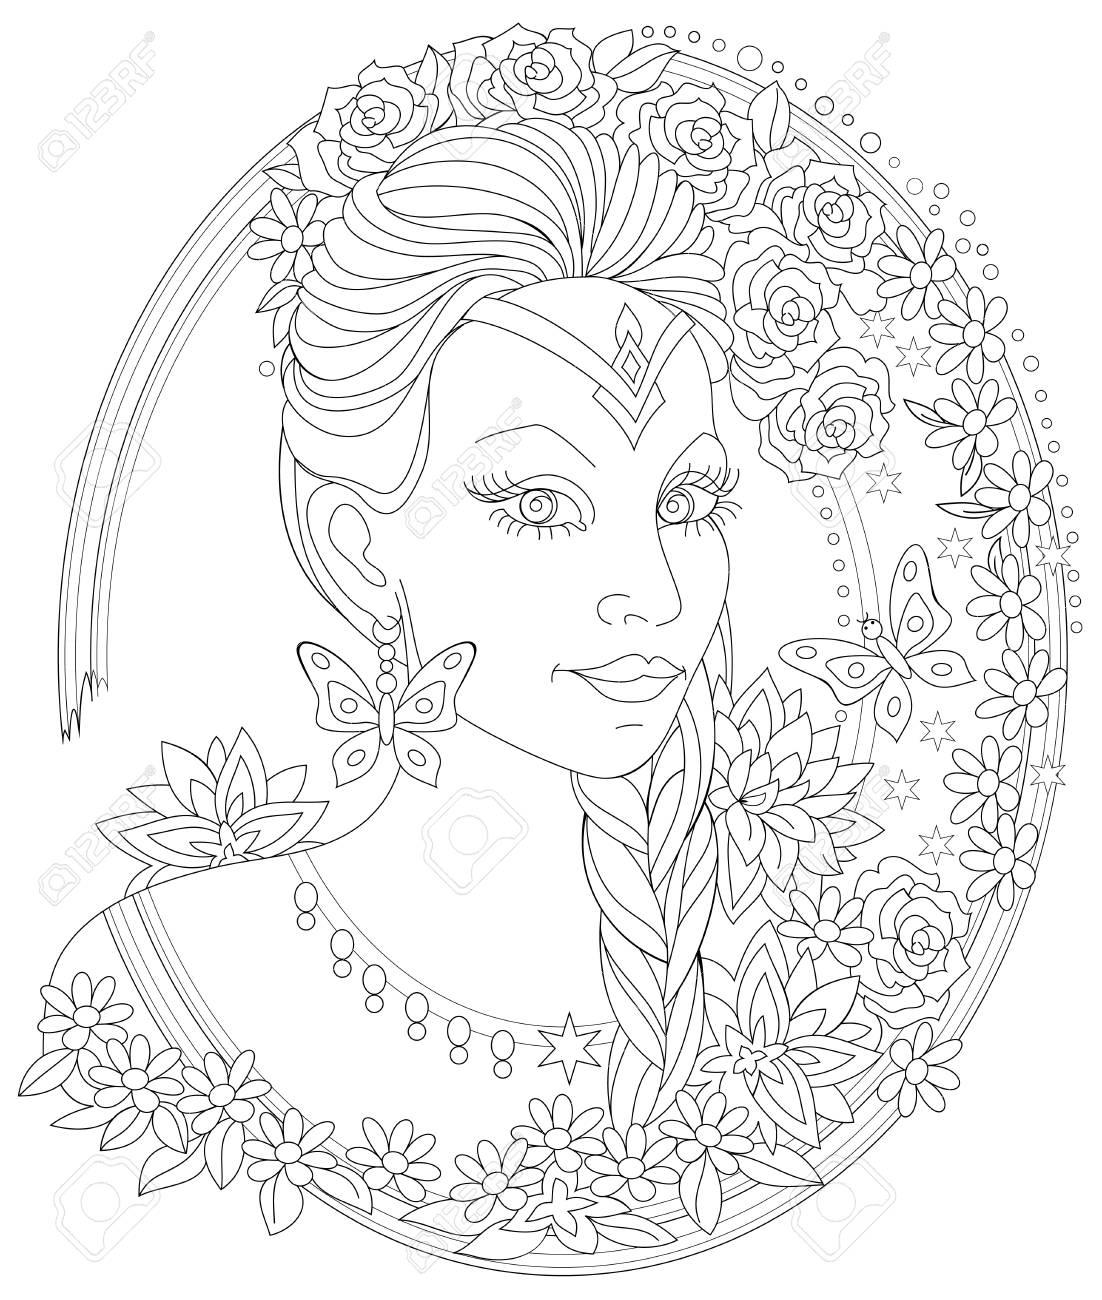 Página En Blanco Y Negro Para Colorear. Retrato De Fantasía De Mujer ...